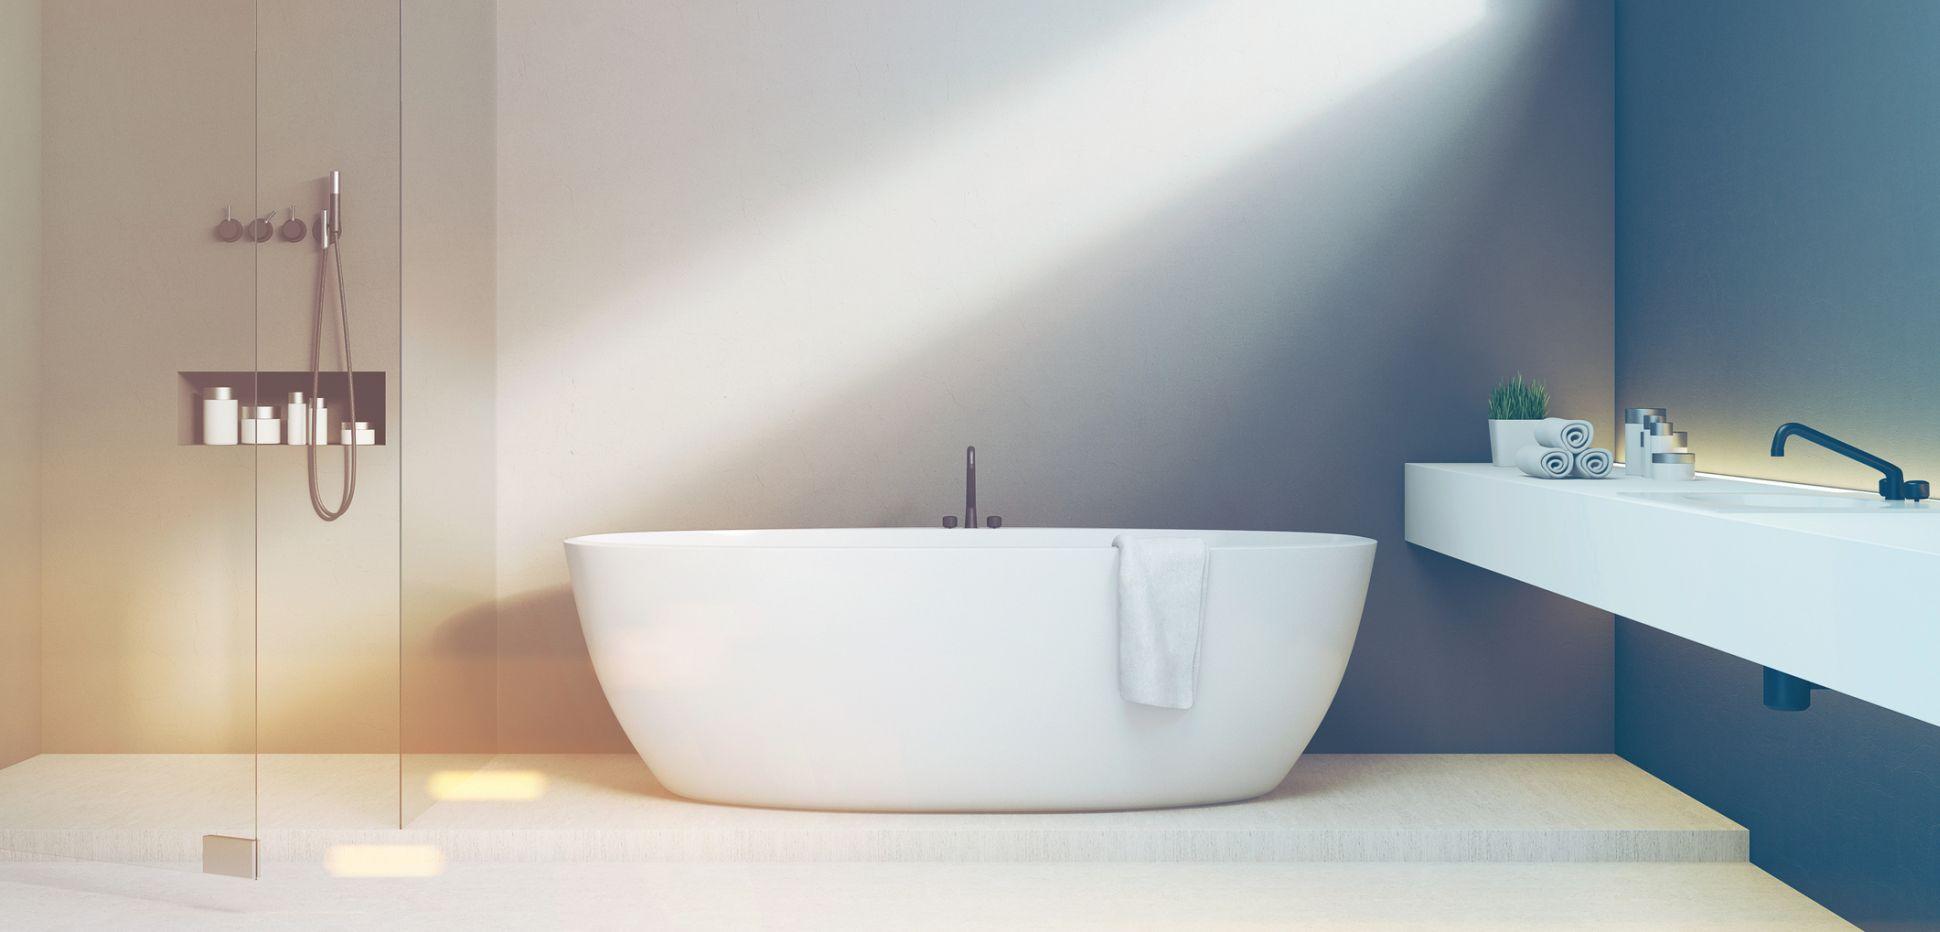 Putz fürs Bad: Welcher eignet sich und ist wasserfest?